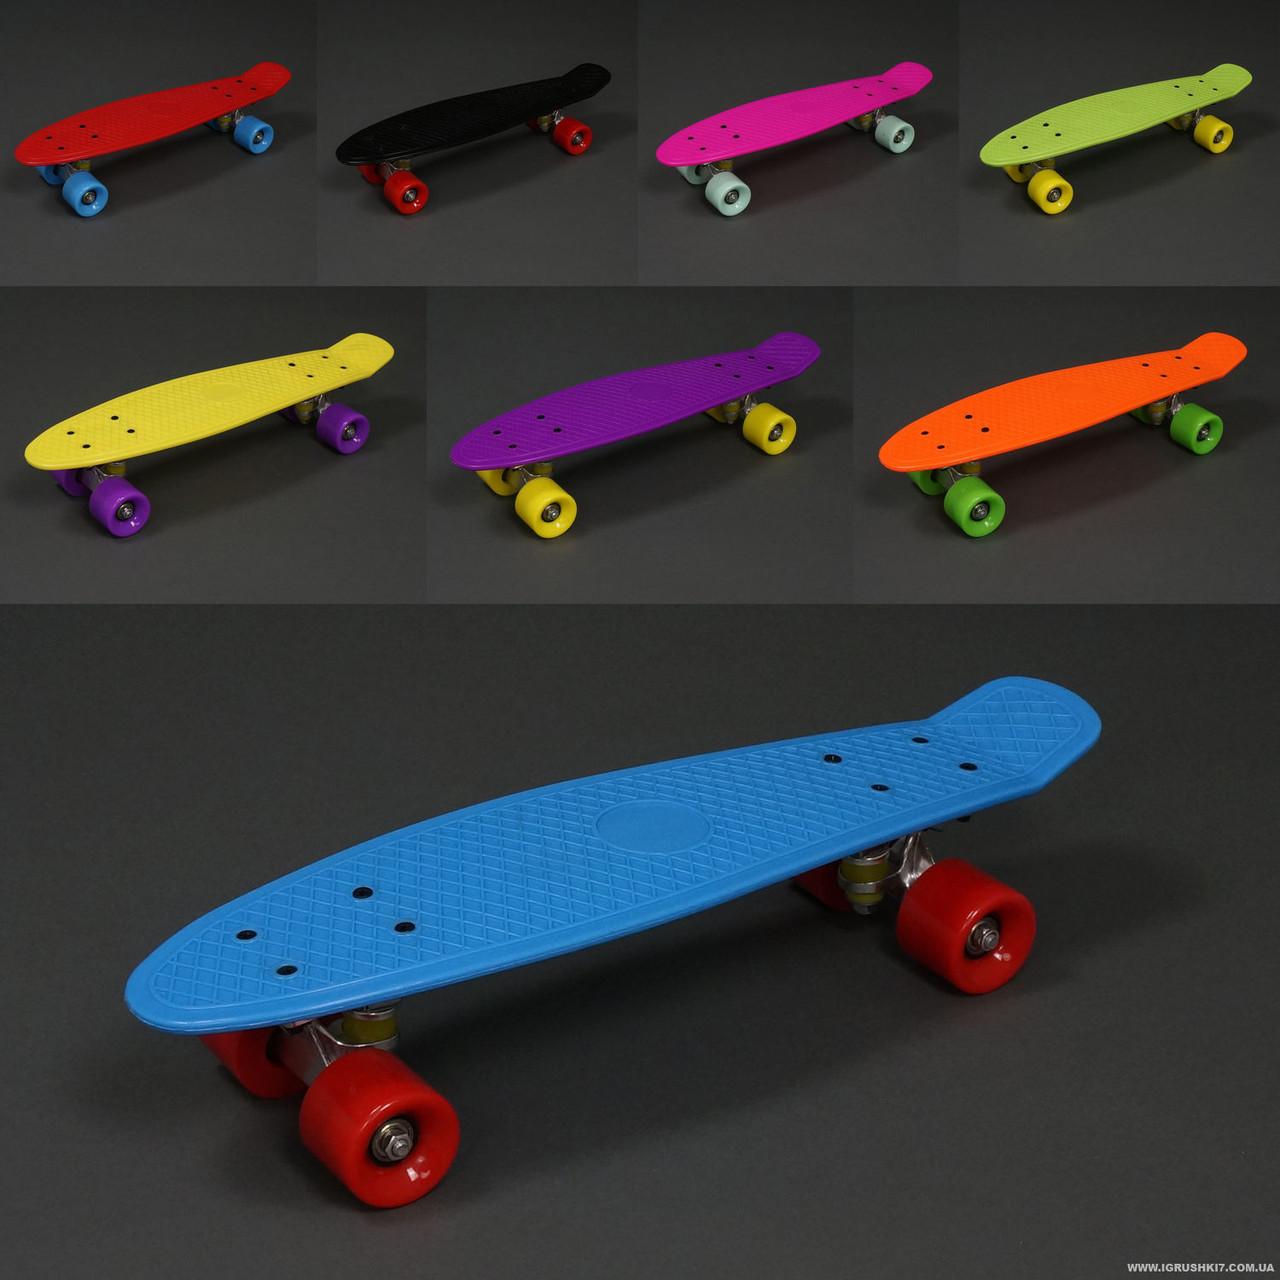 Скейт 780 (8) ОДНОТОННЫЙ, БЕЗ СВЕТА, длина доски 55см, колёса PU - d=6см